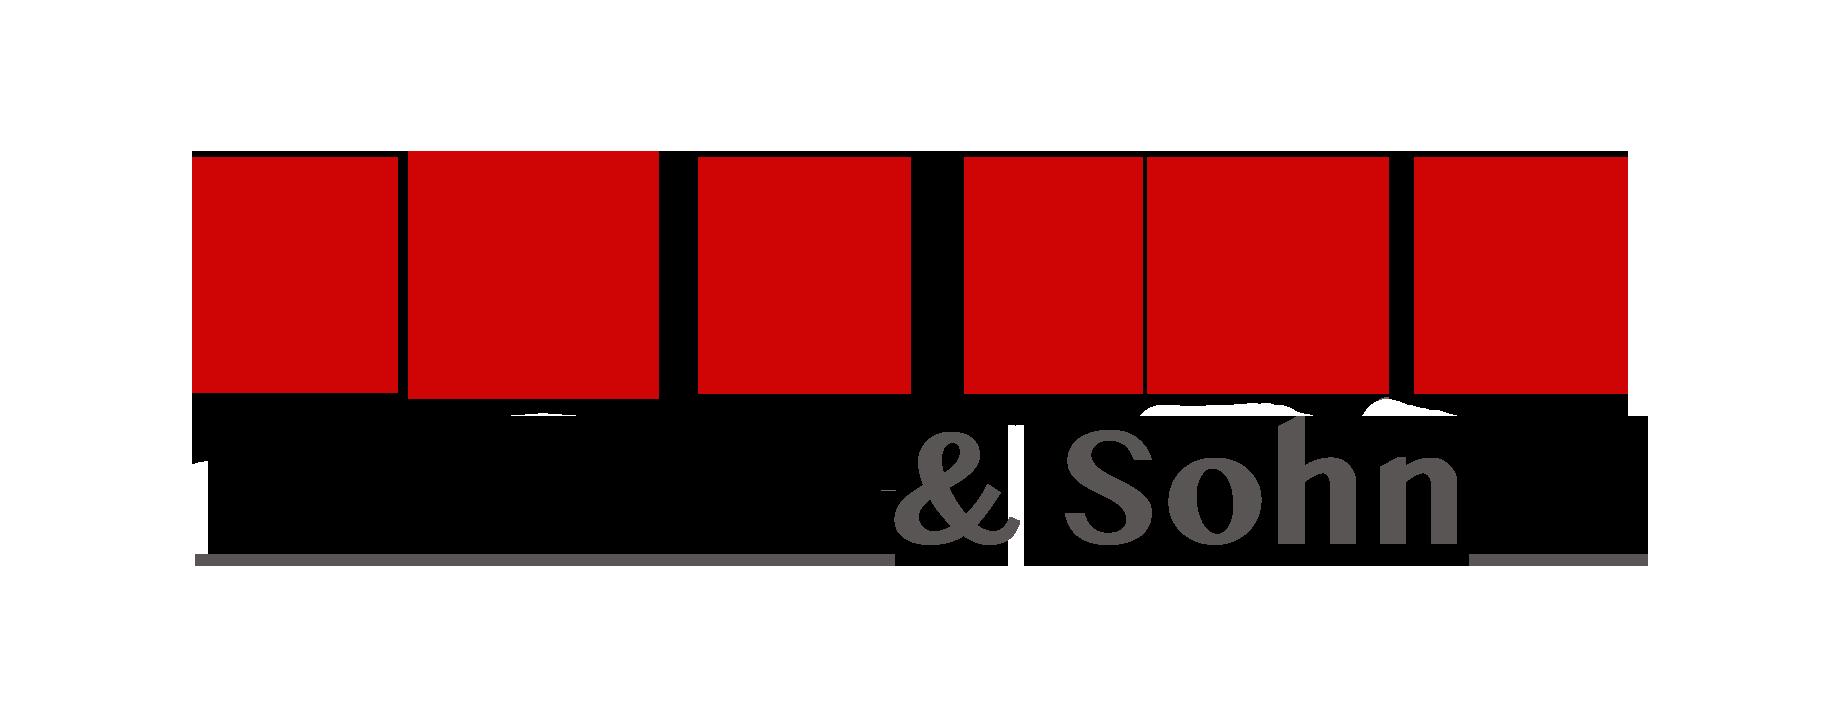 Konrad & Sohn